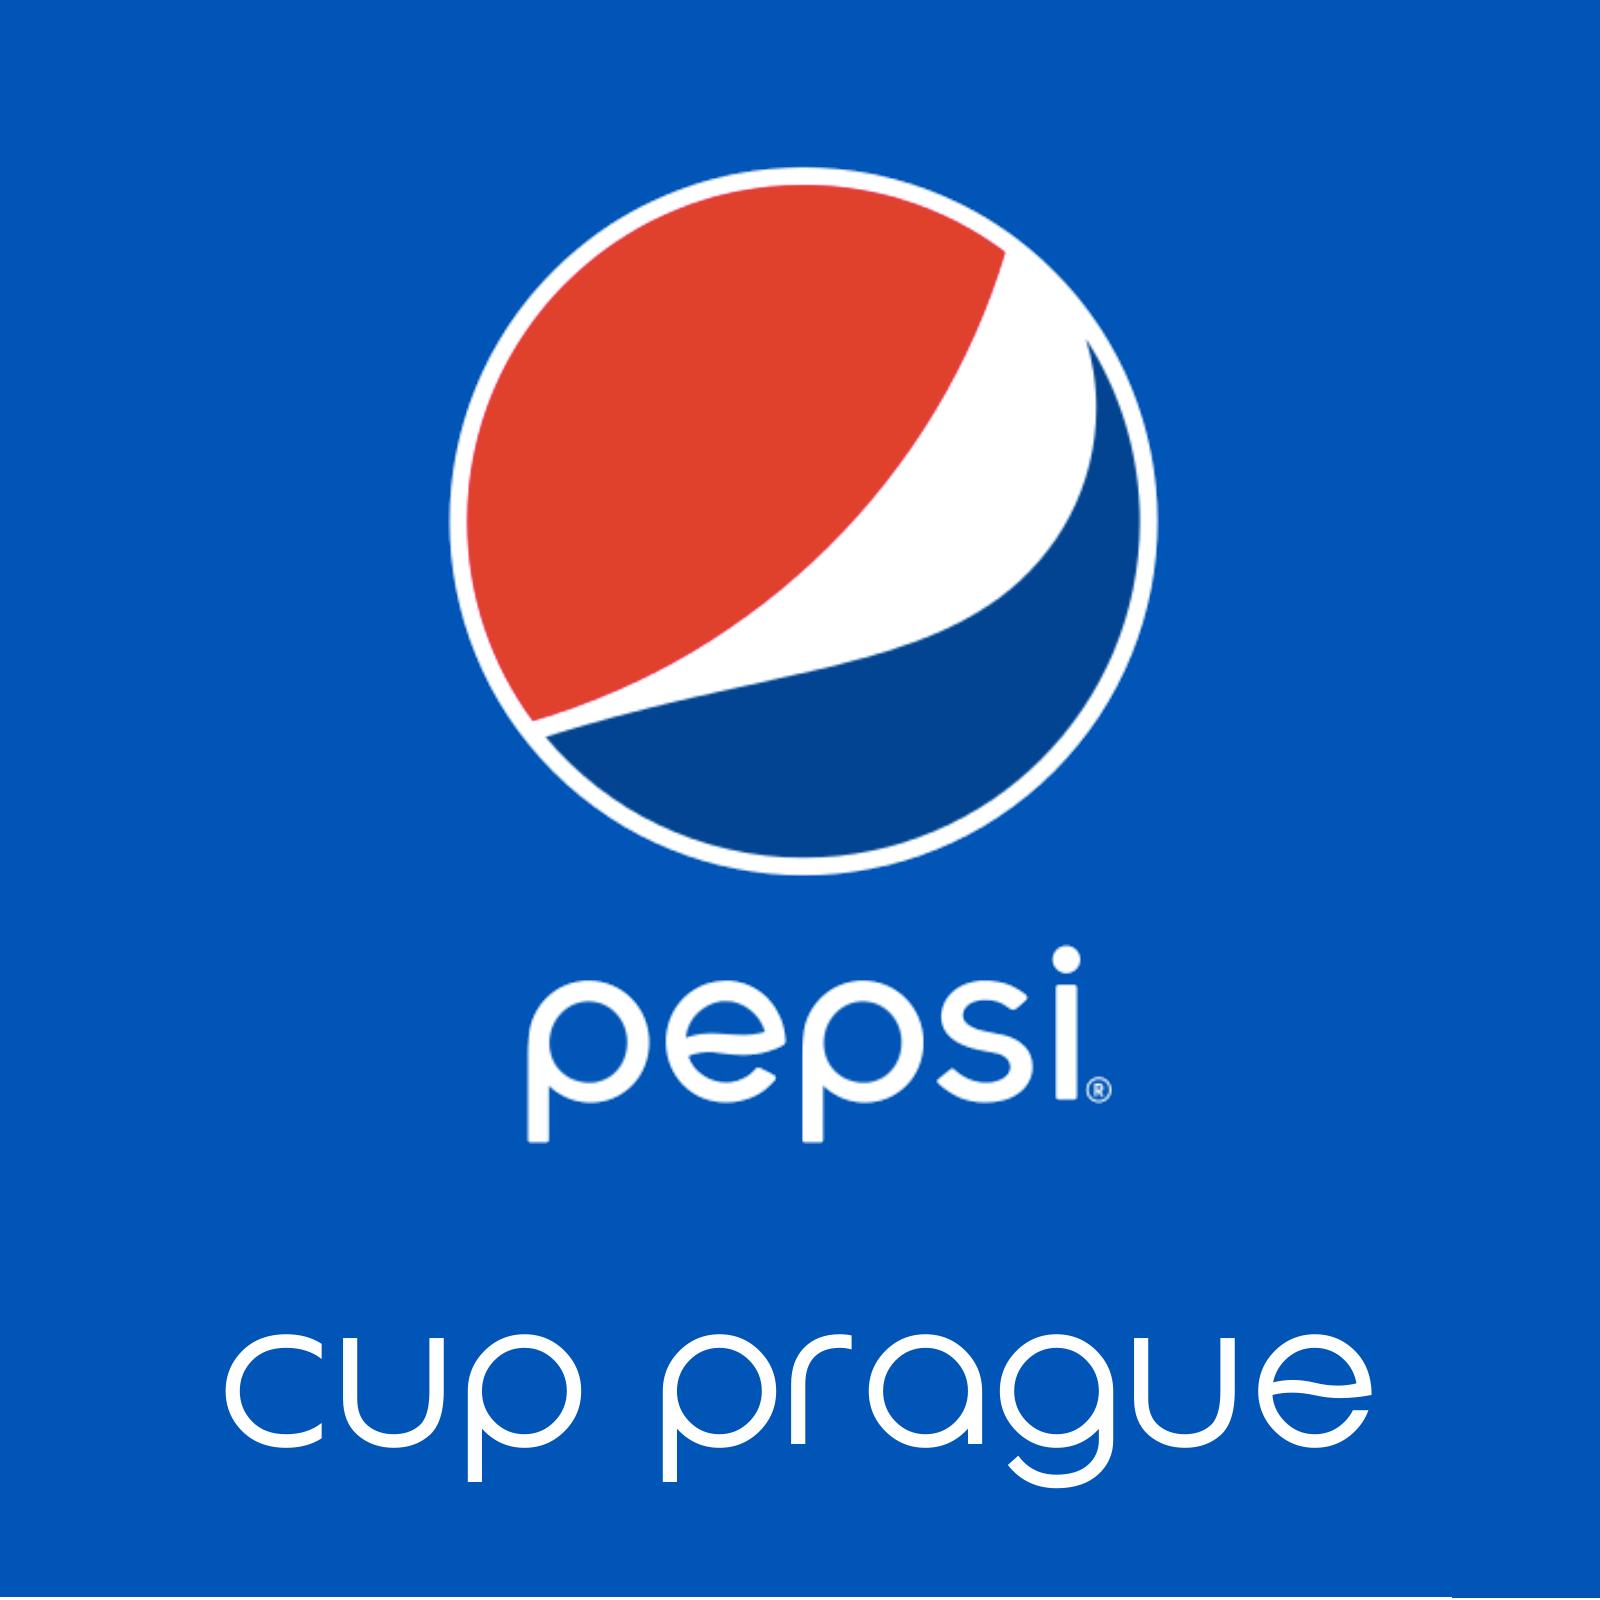 Pepsi Cup Prague 2019